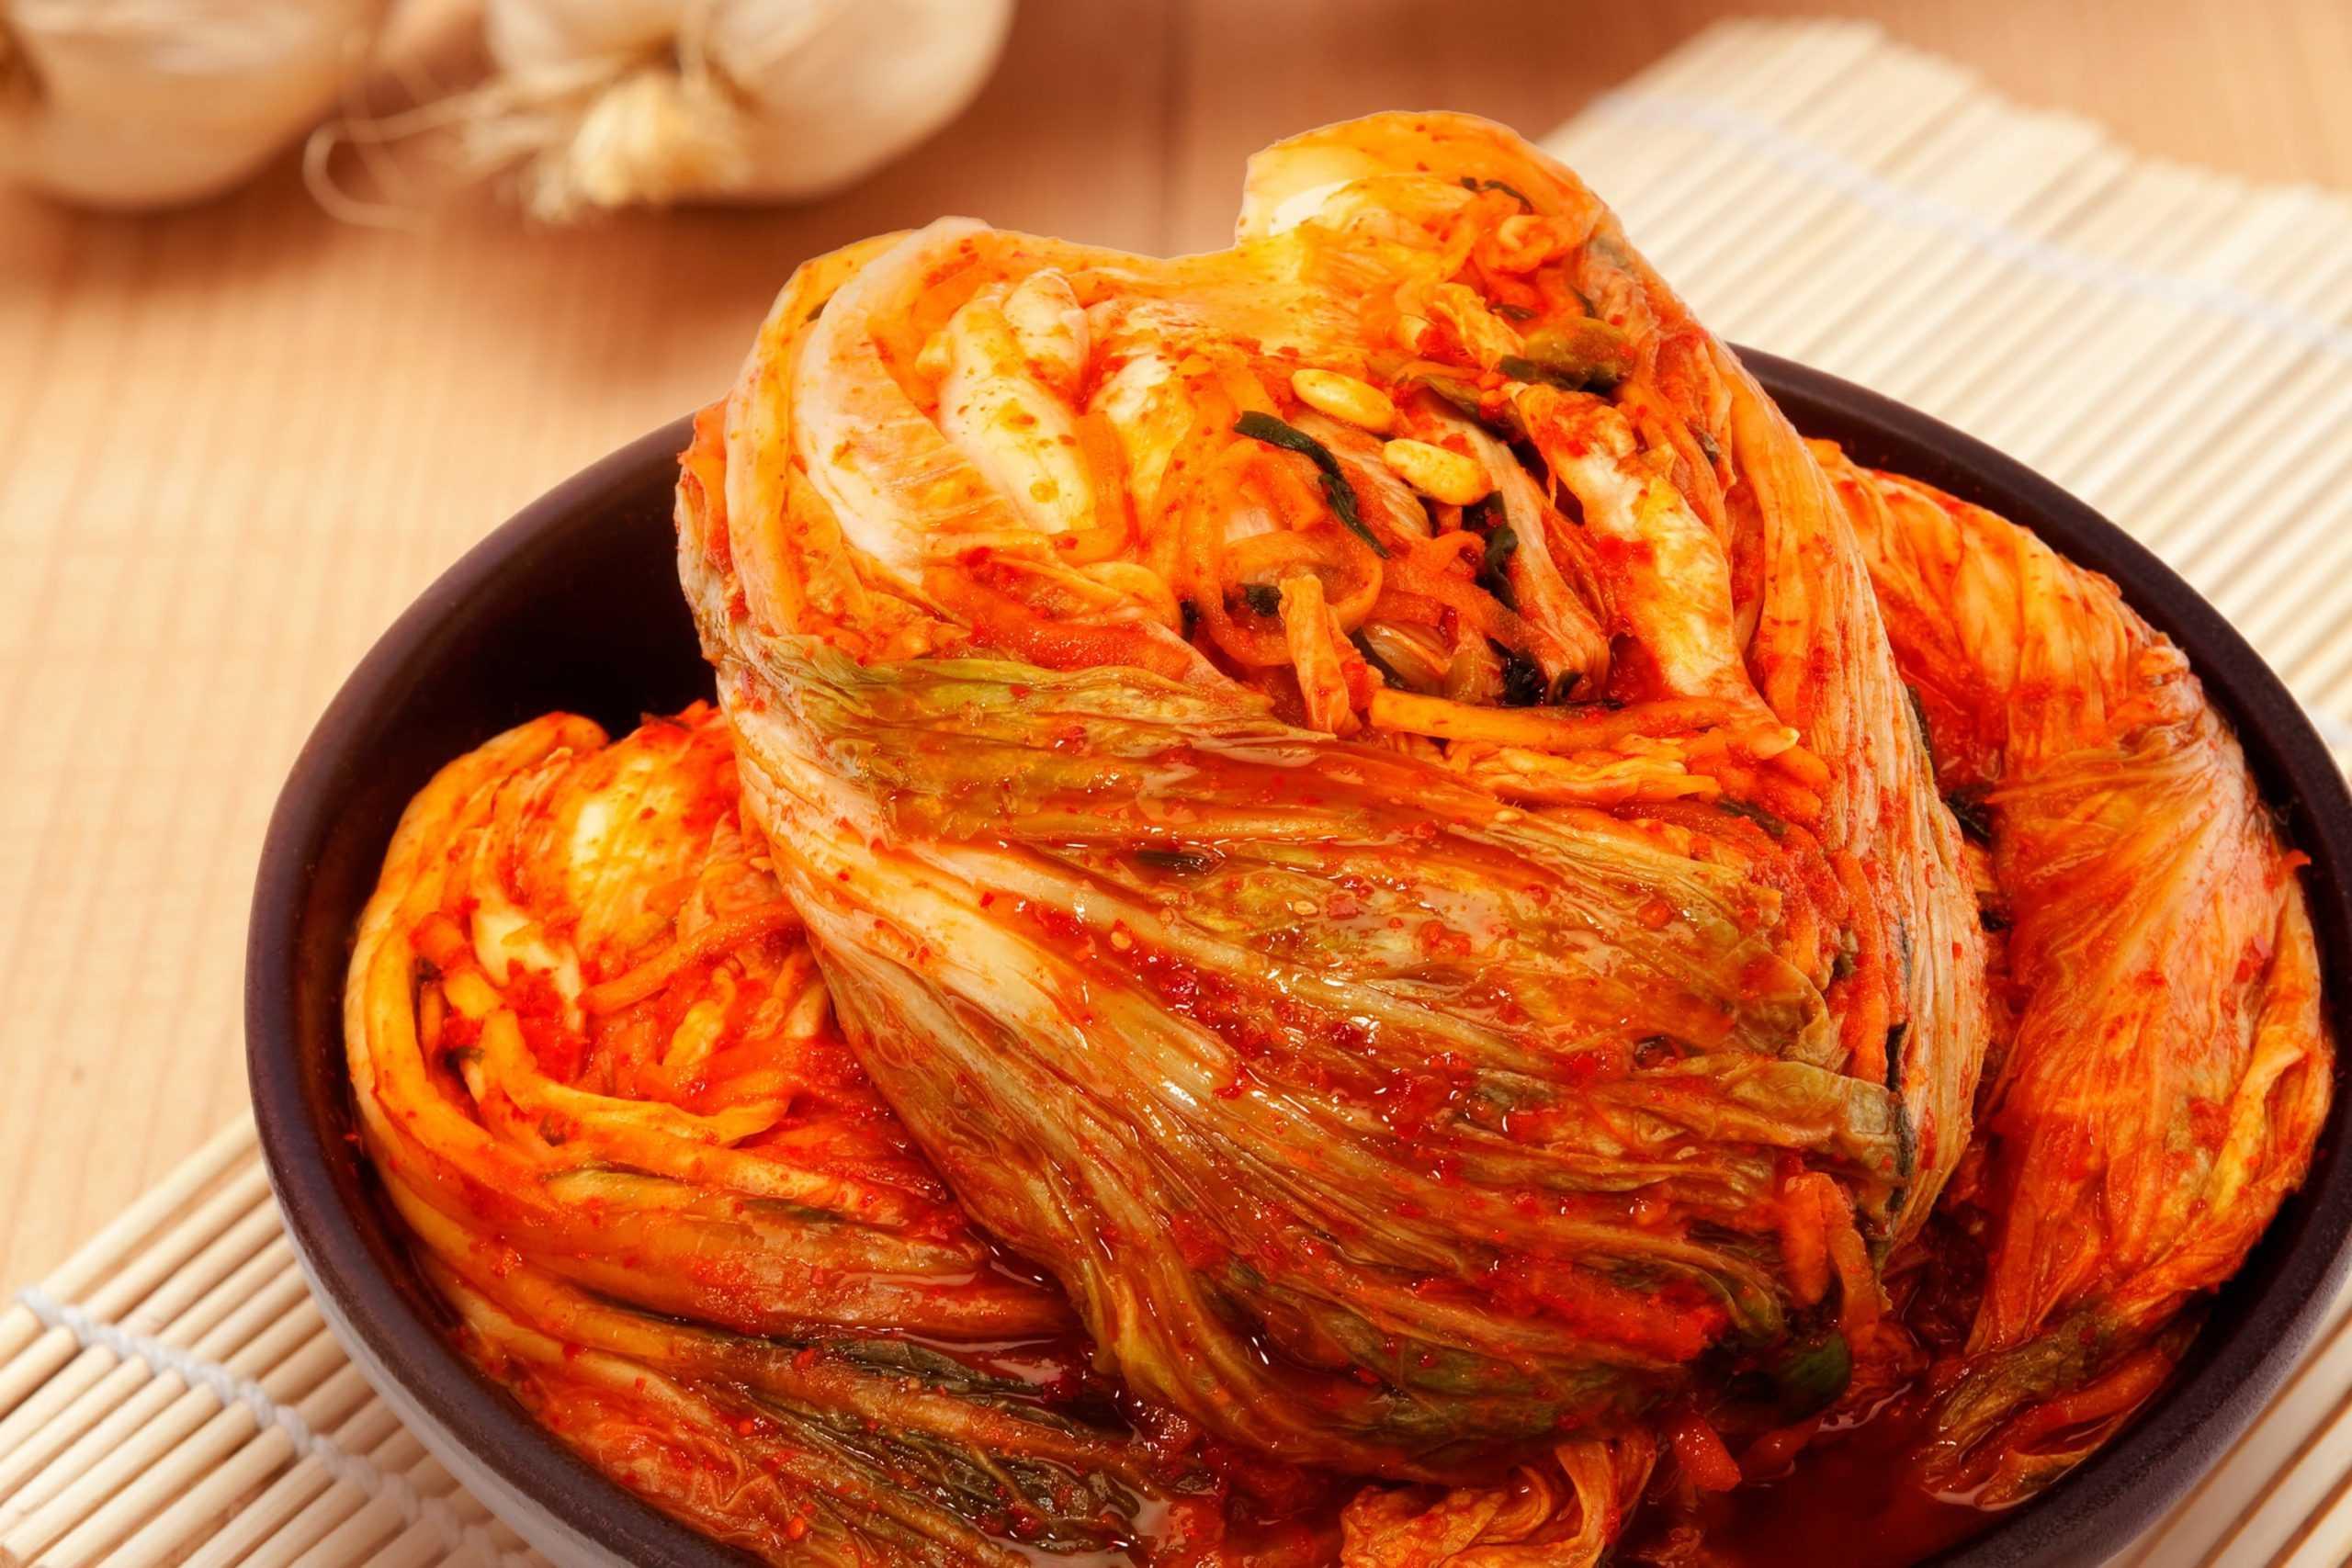 Пошаговый рецепт приготовления кимчи по-корейски с фото